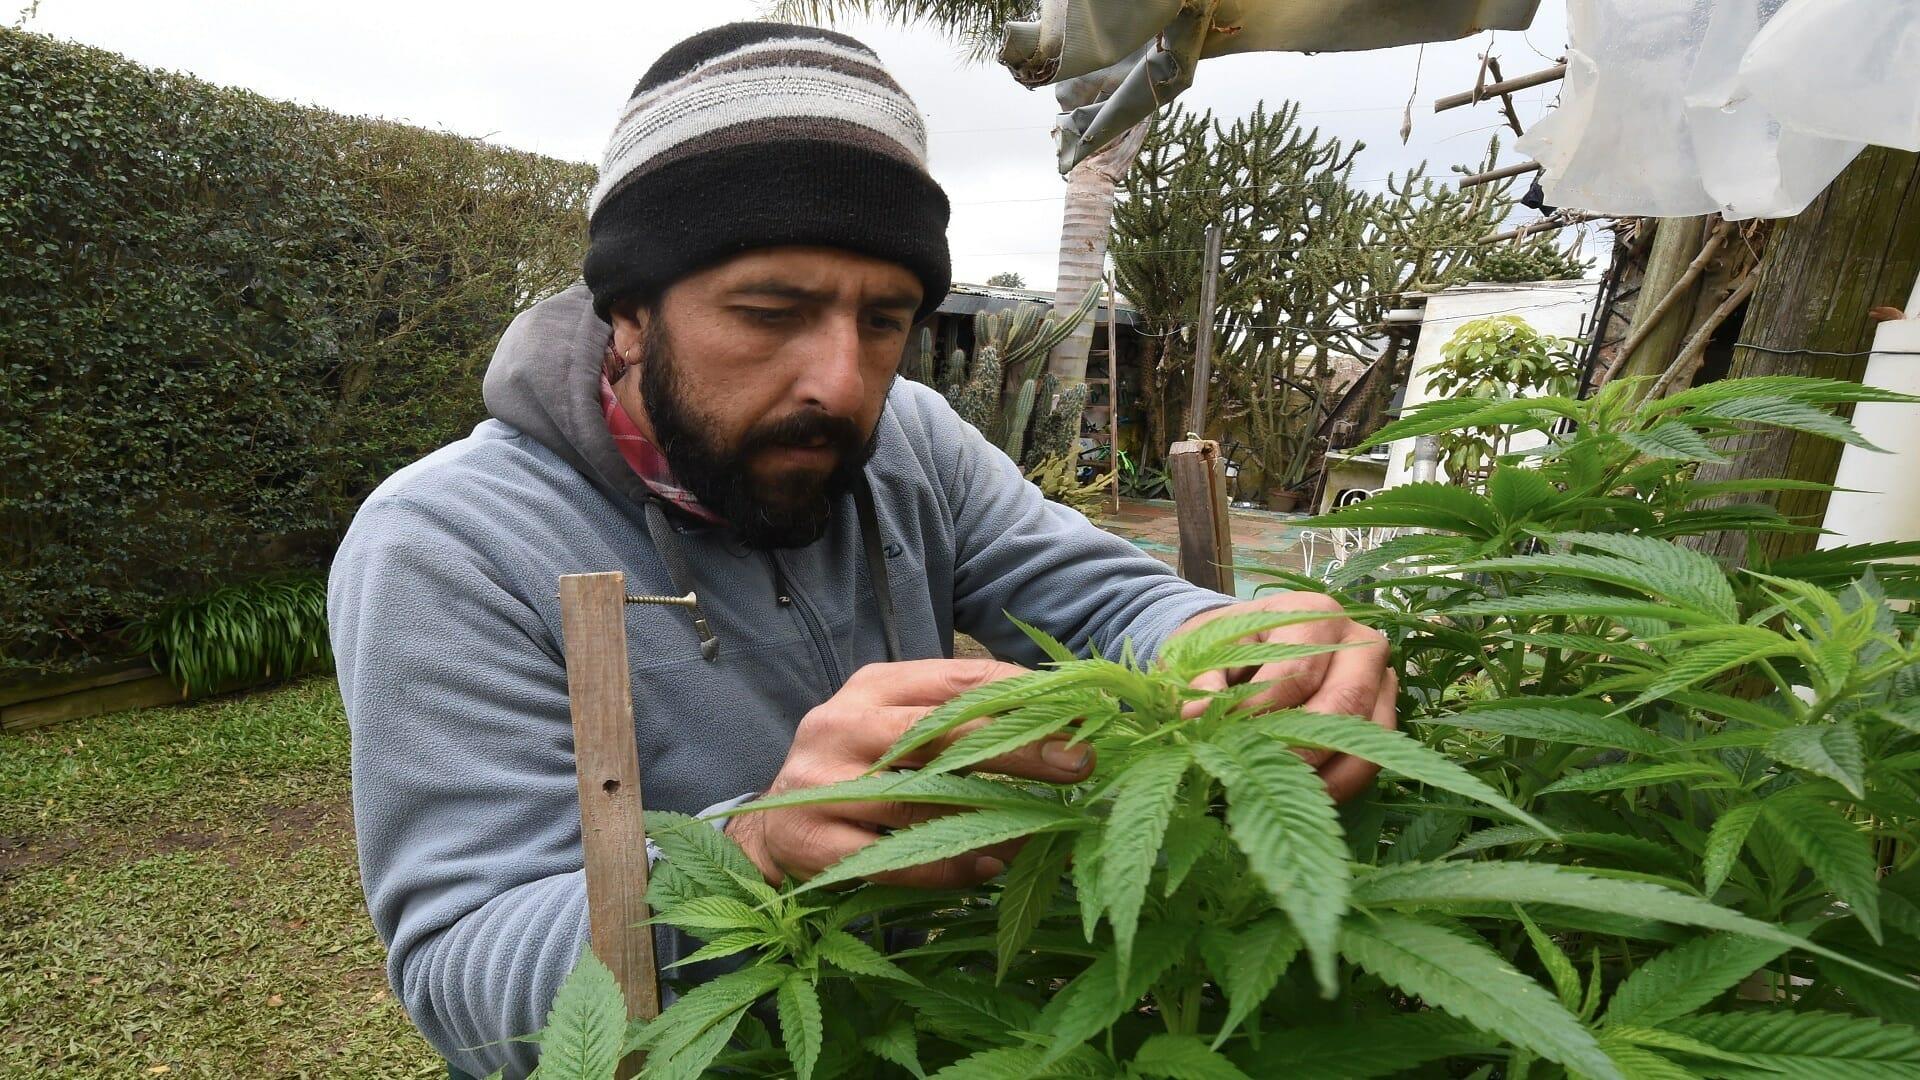 المغرب يقنن زراعة القنب الهندي لأجل الاستخدامات الطبية